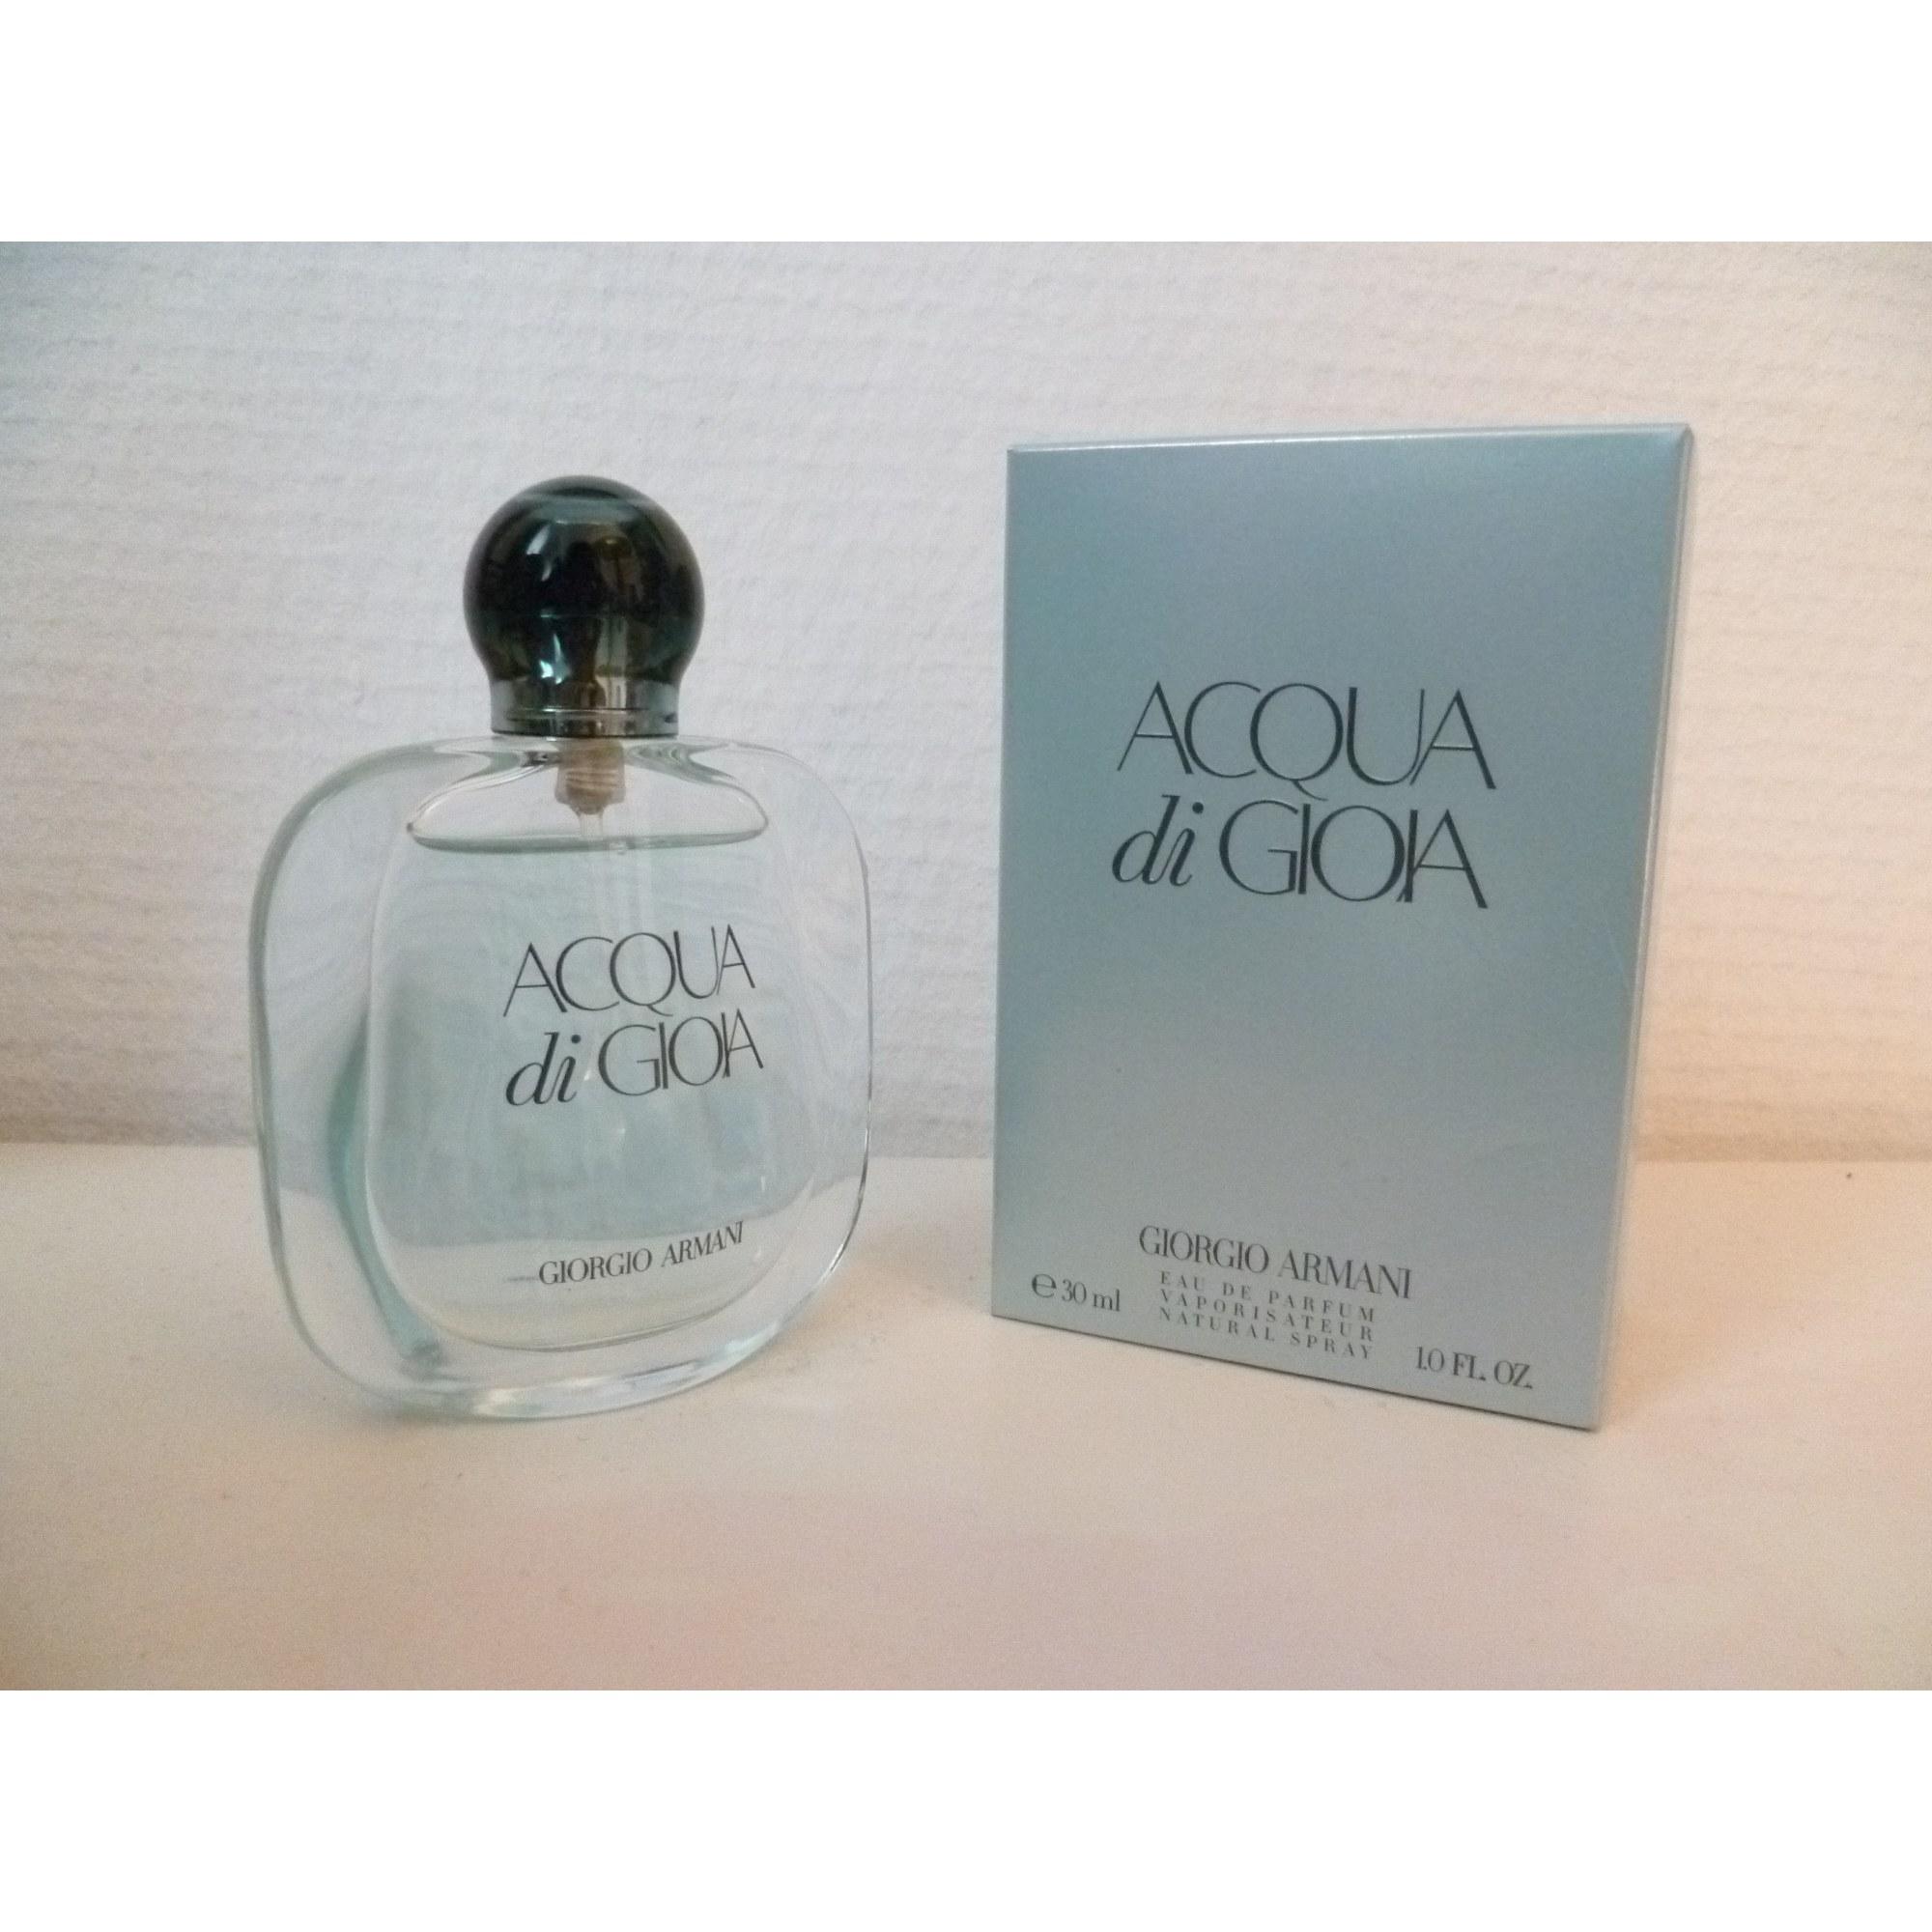 Coffret Armani Giorgio Parfum Parfum Coffret Coffret Armani Giorgio Armani Giorgio Coffret Parfum Yb6f7gvy